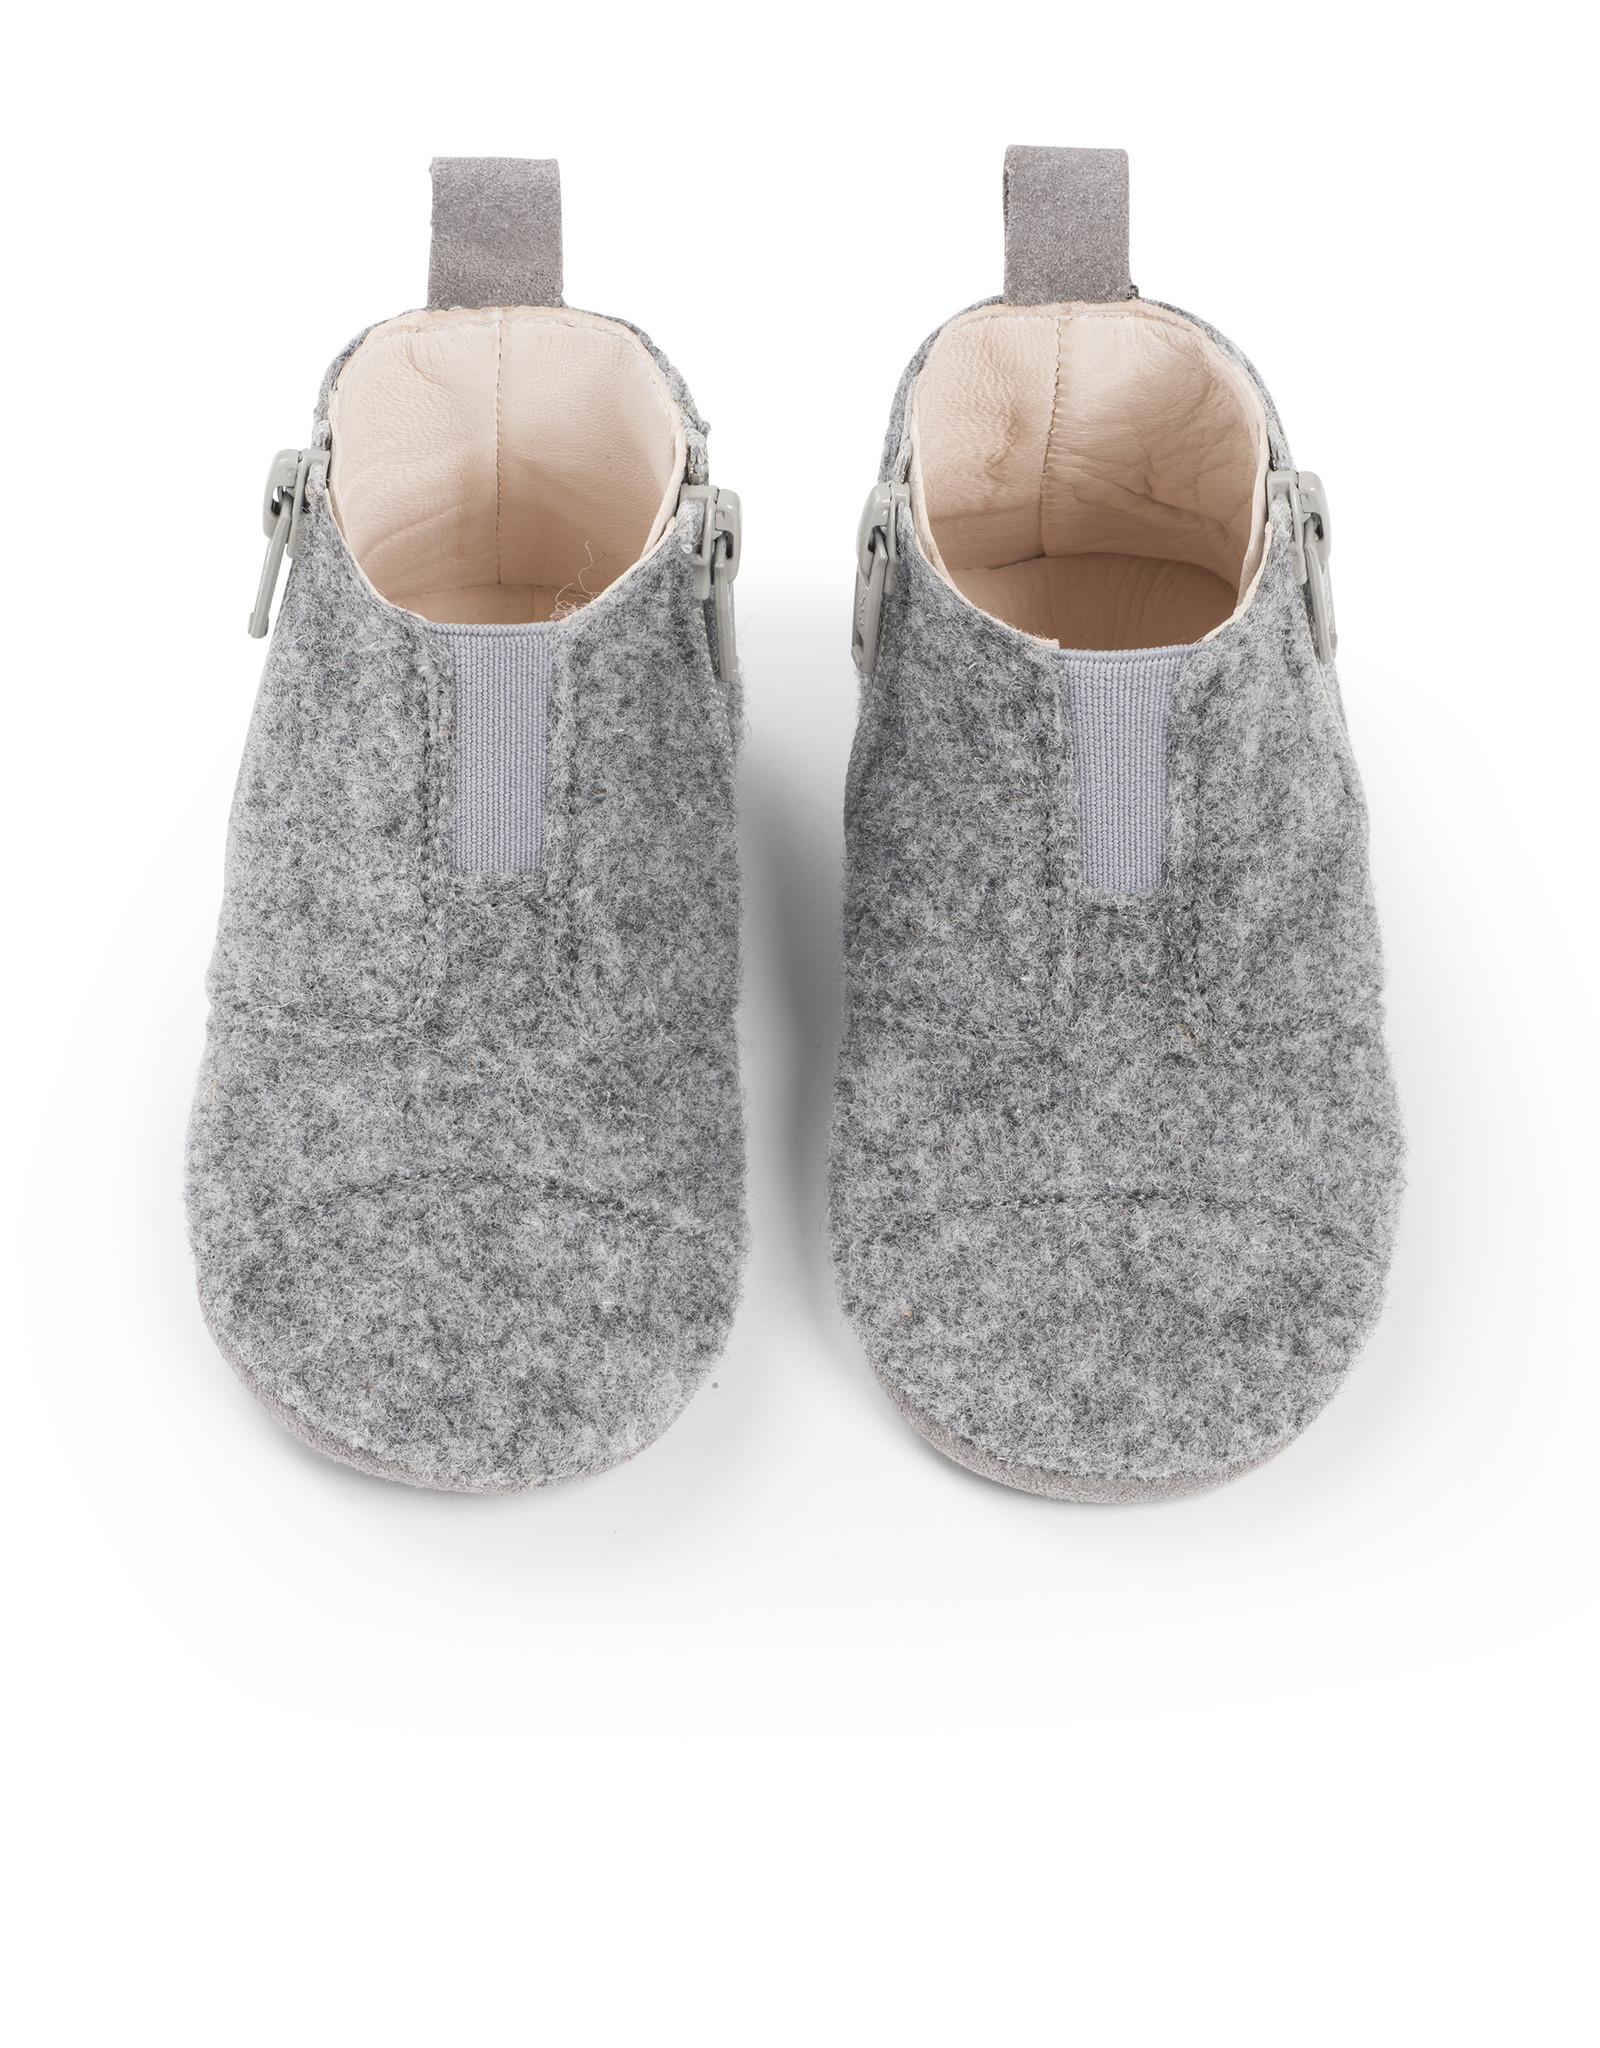 Dusq Dusq Babyschoentjes Wol Misty Grey